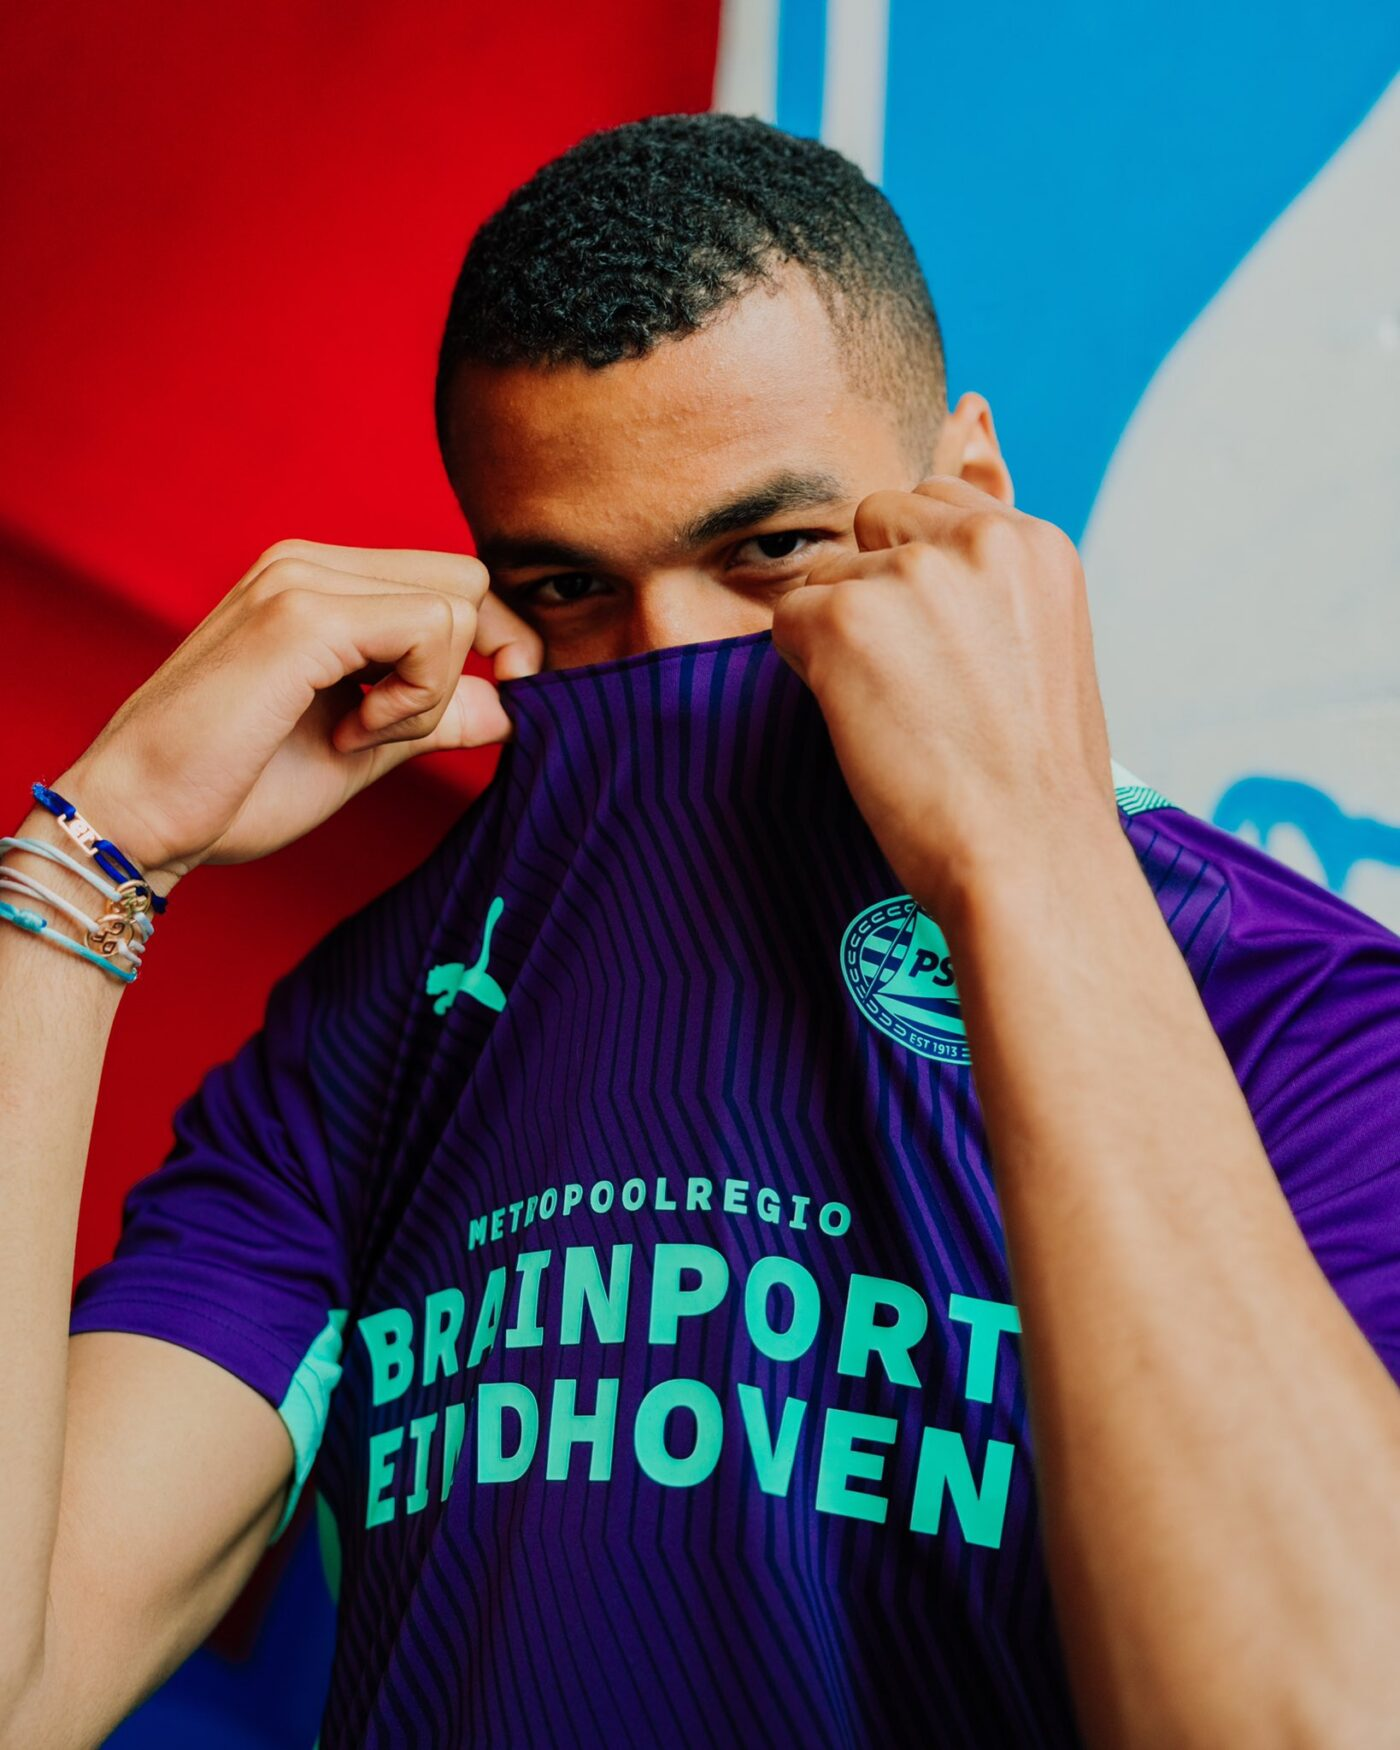 Maillot PSV Eindhoven 2021-2022 extérieur